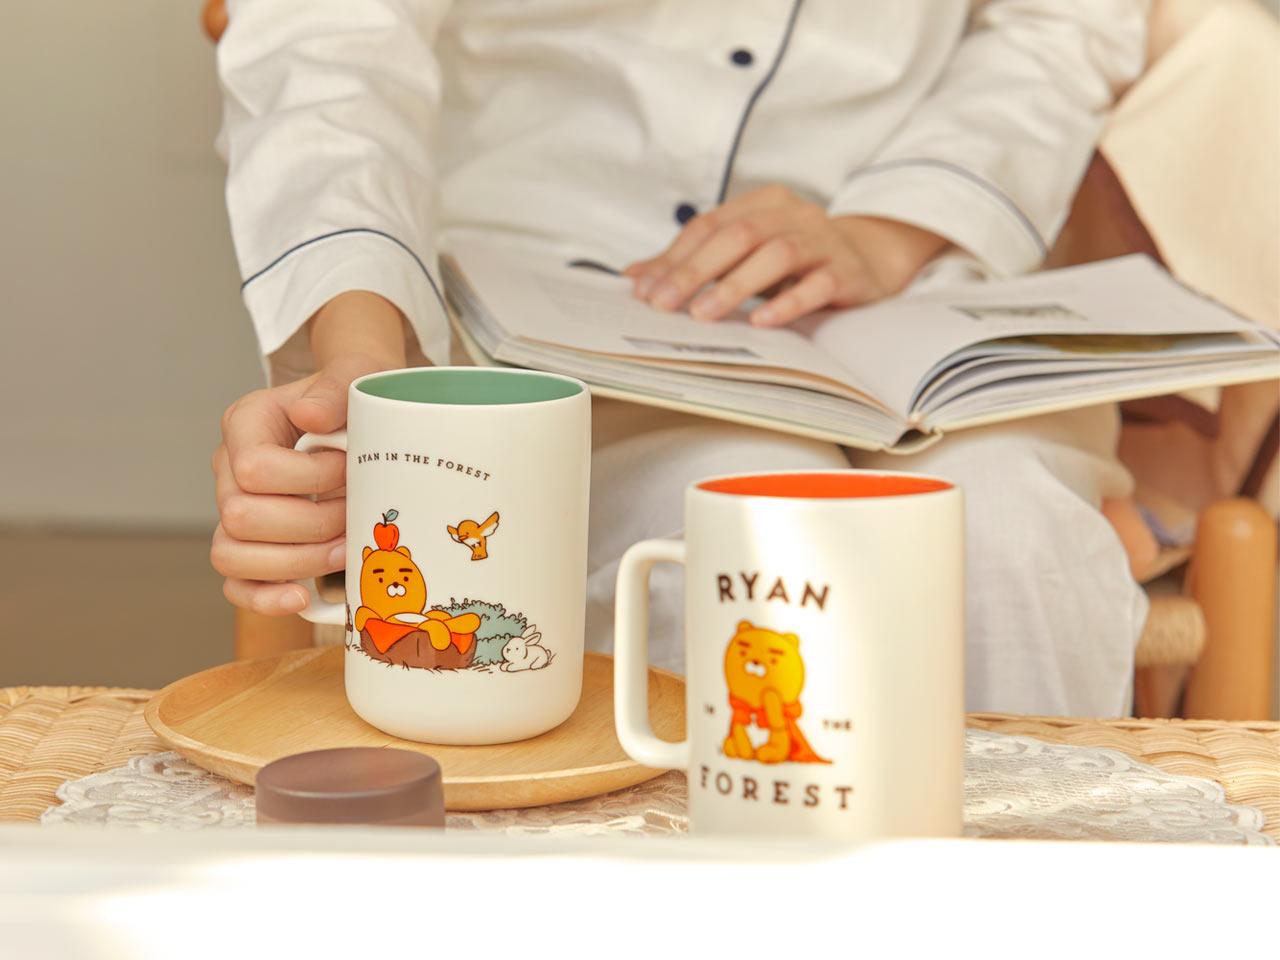 Kakao Friends ryan水杯